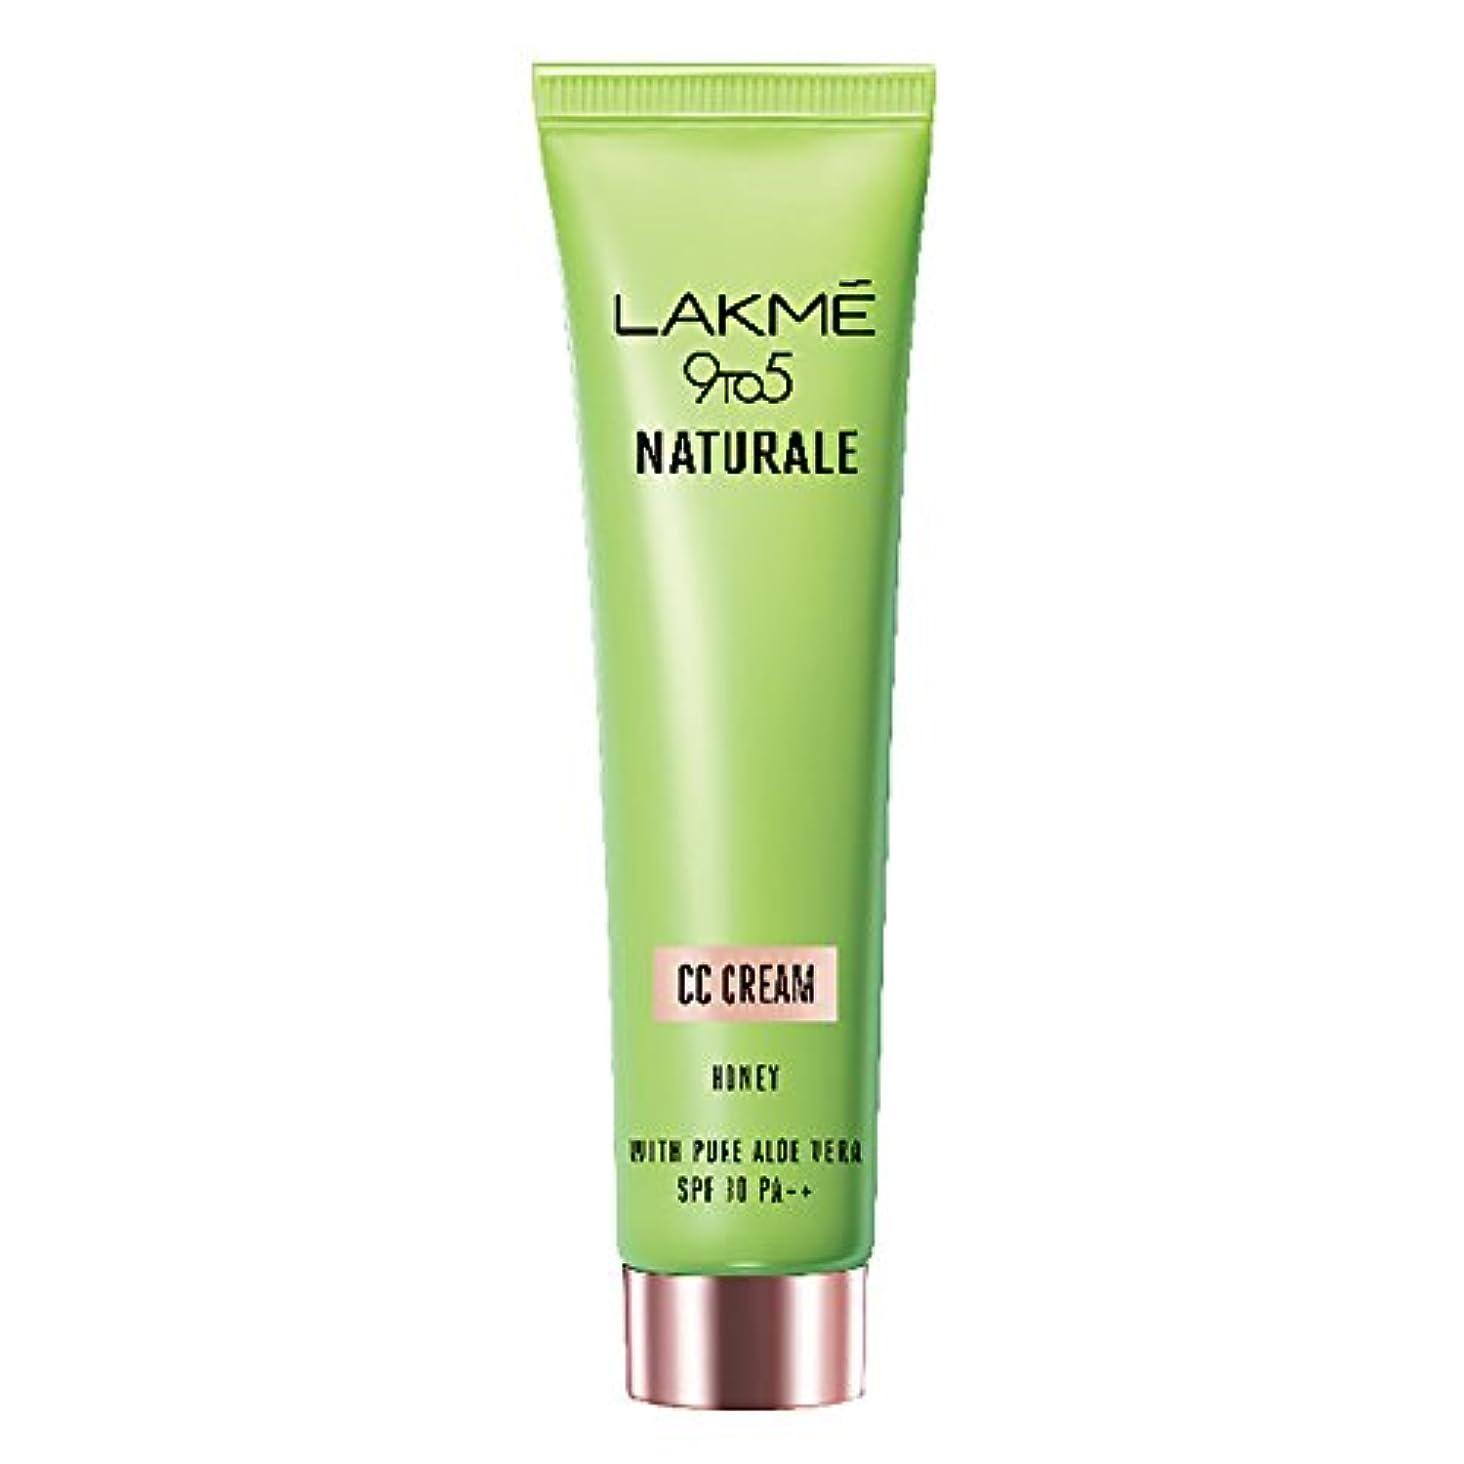 貫入オーストラリア人真珠のようなLakme 9 to 5 Naturale CC Cream, Honey, 30g